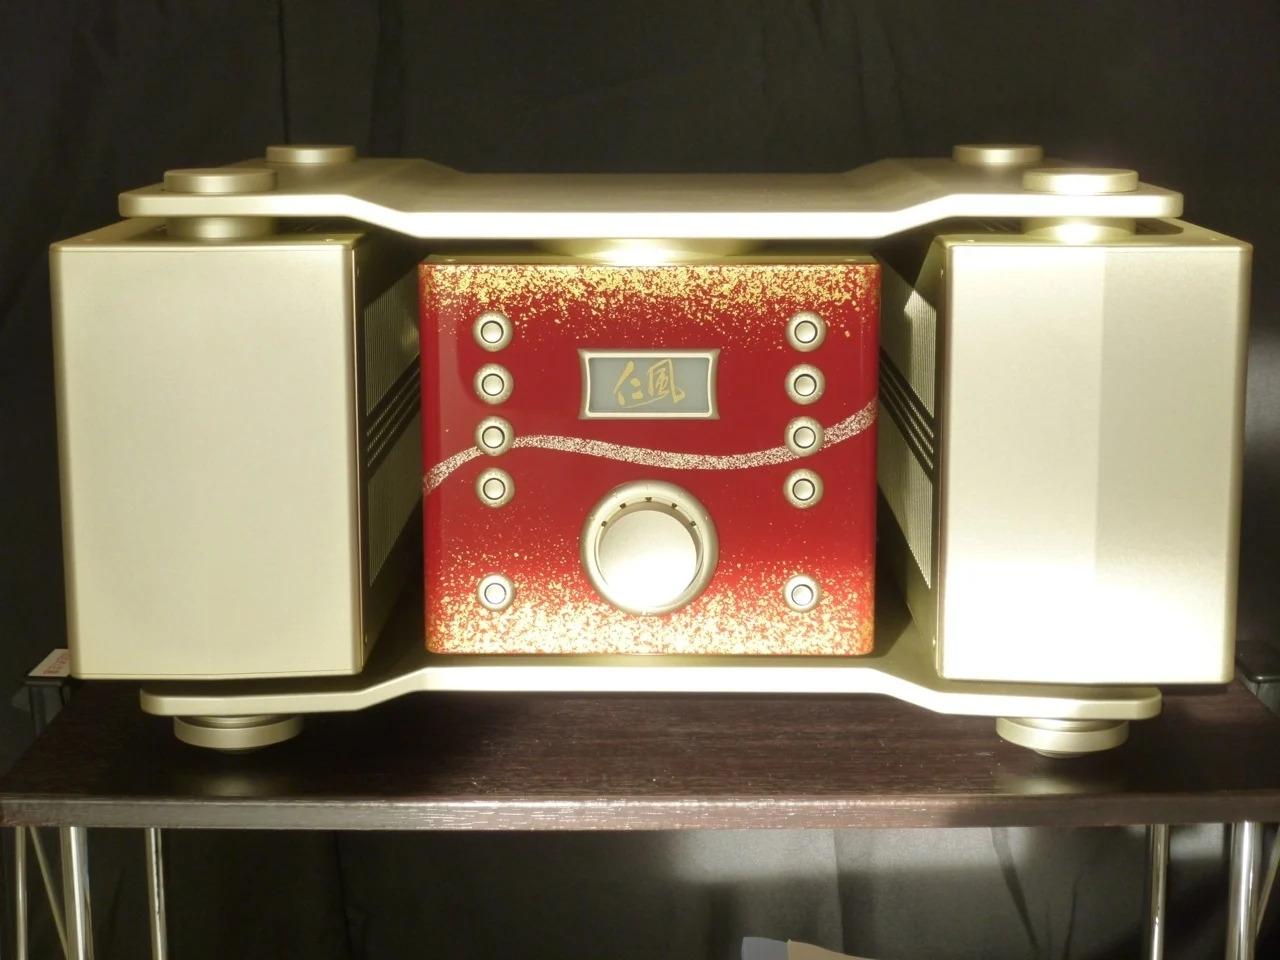 Zandem jimpu phono preamp Audiotemple